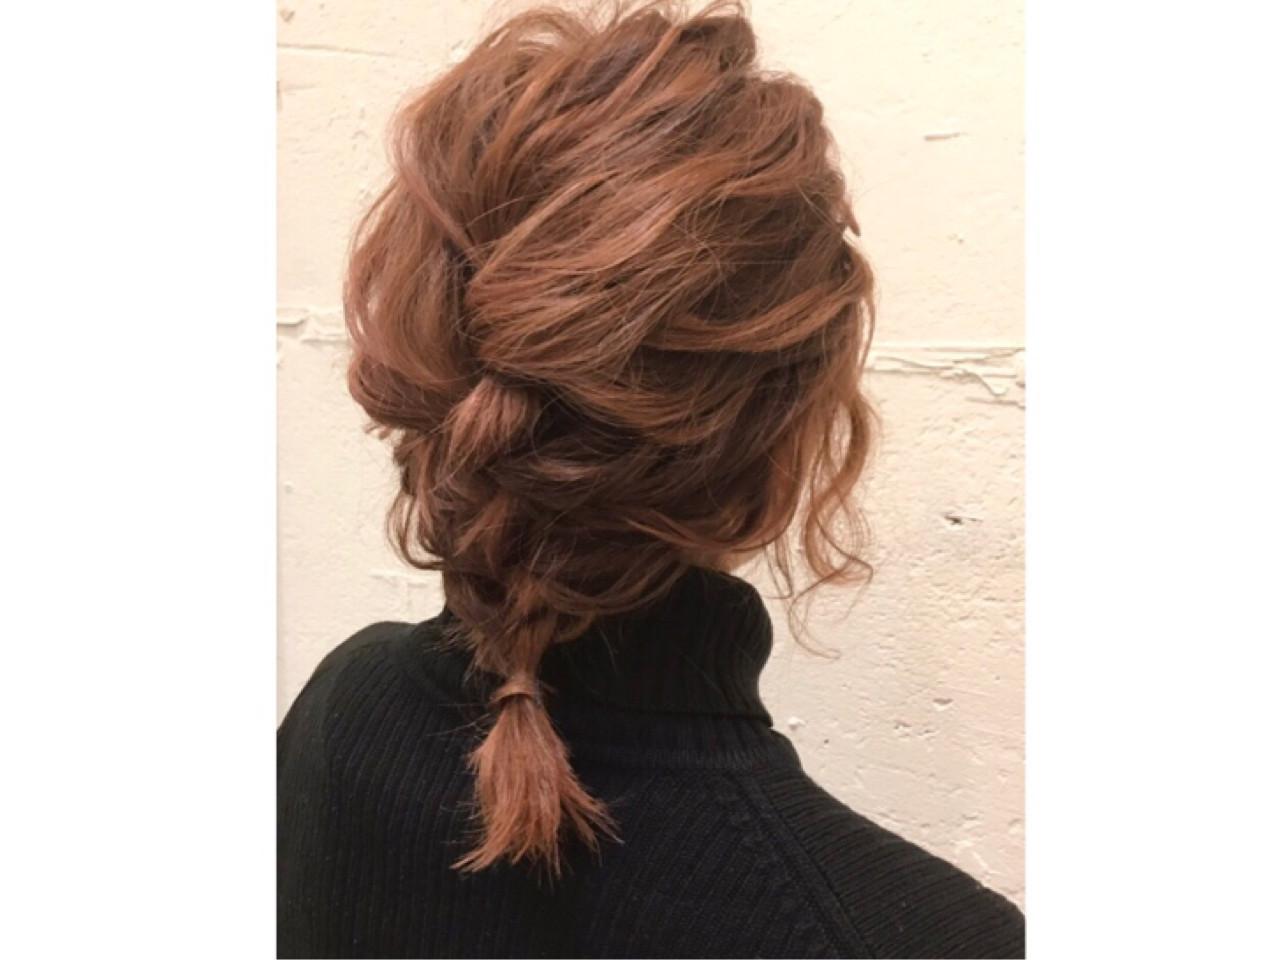 ボブでもできる簡単まとめ髪♡スッキリ可愛いアレンジを伝授 野﨑 小知子 | NORA hair salon